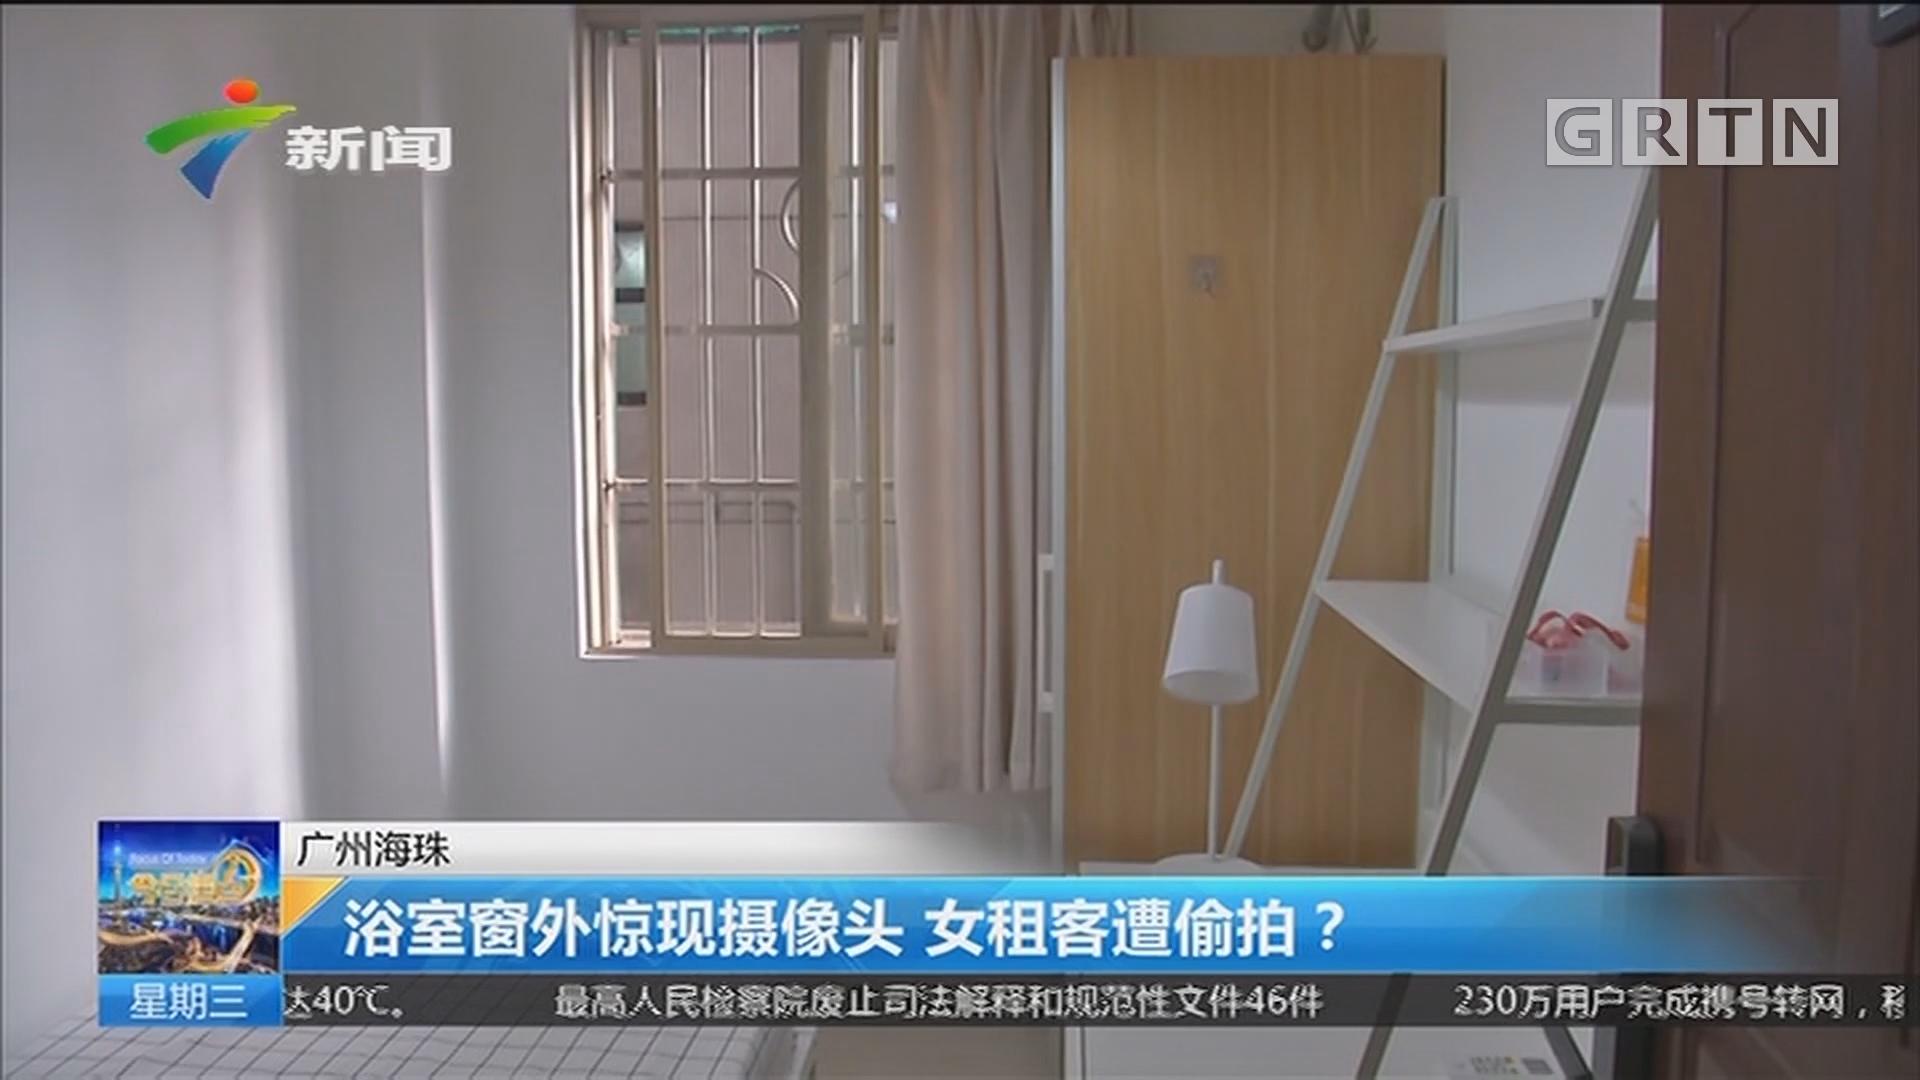 广州海珠:浴室窗外惊现摄像头 女租客遭偷拍?